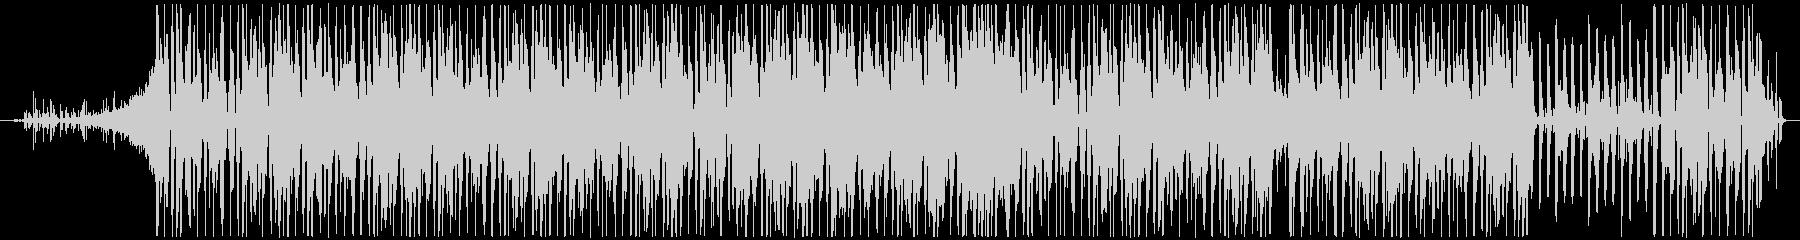 跳ねるリズムが特徴的なテクノポップの未再生の波形